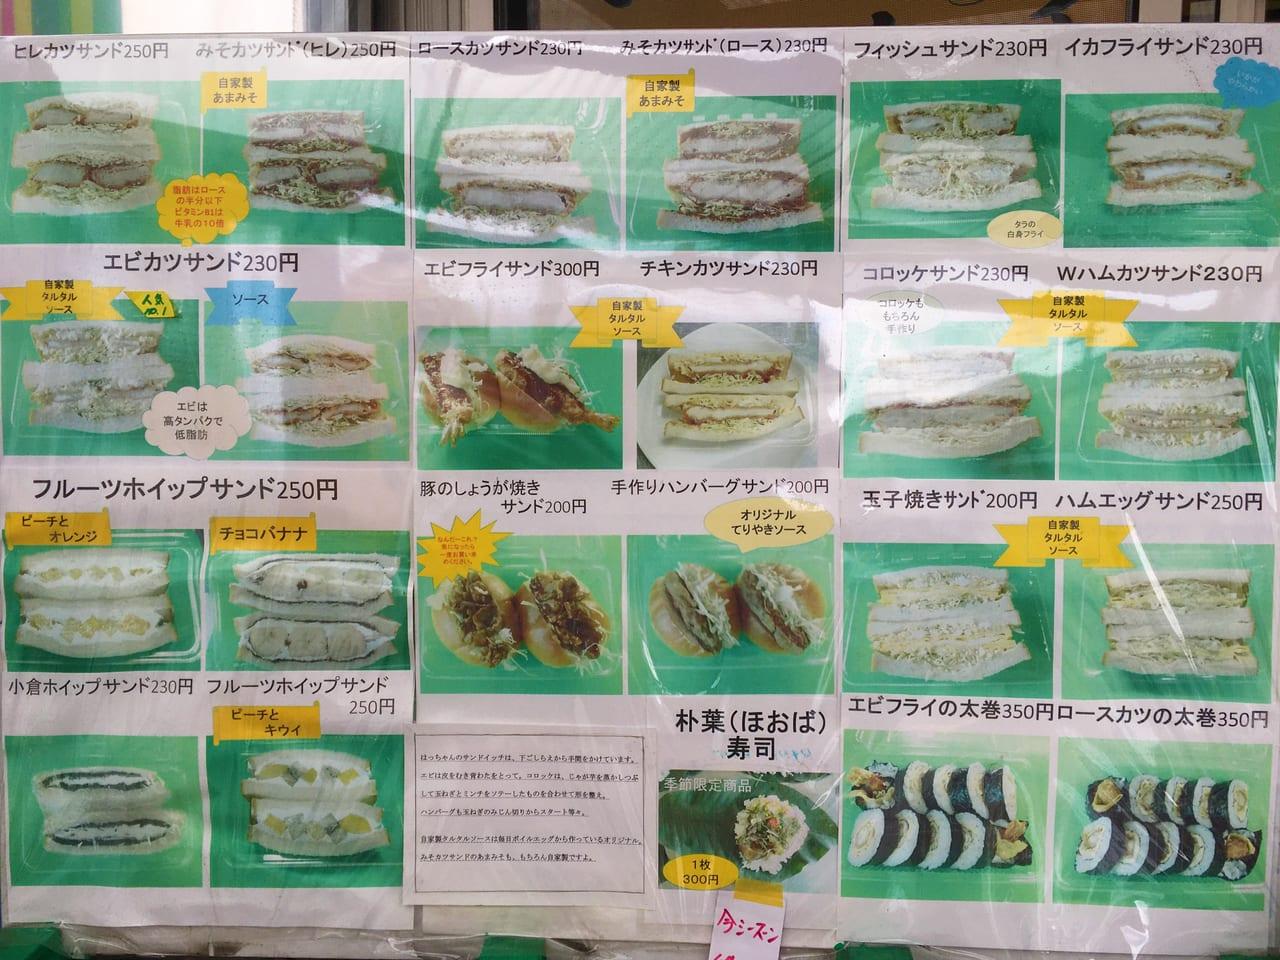 五平餅はっちゃんのサンドウィッチメニュー